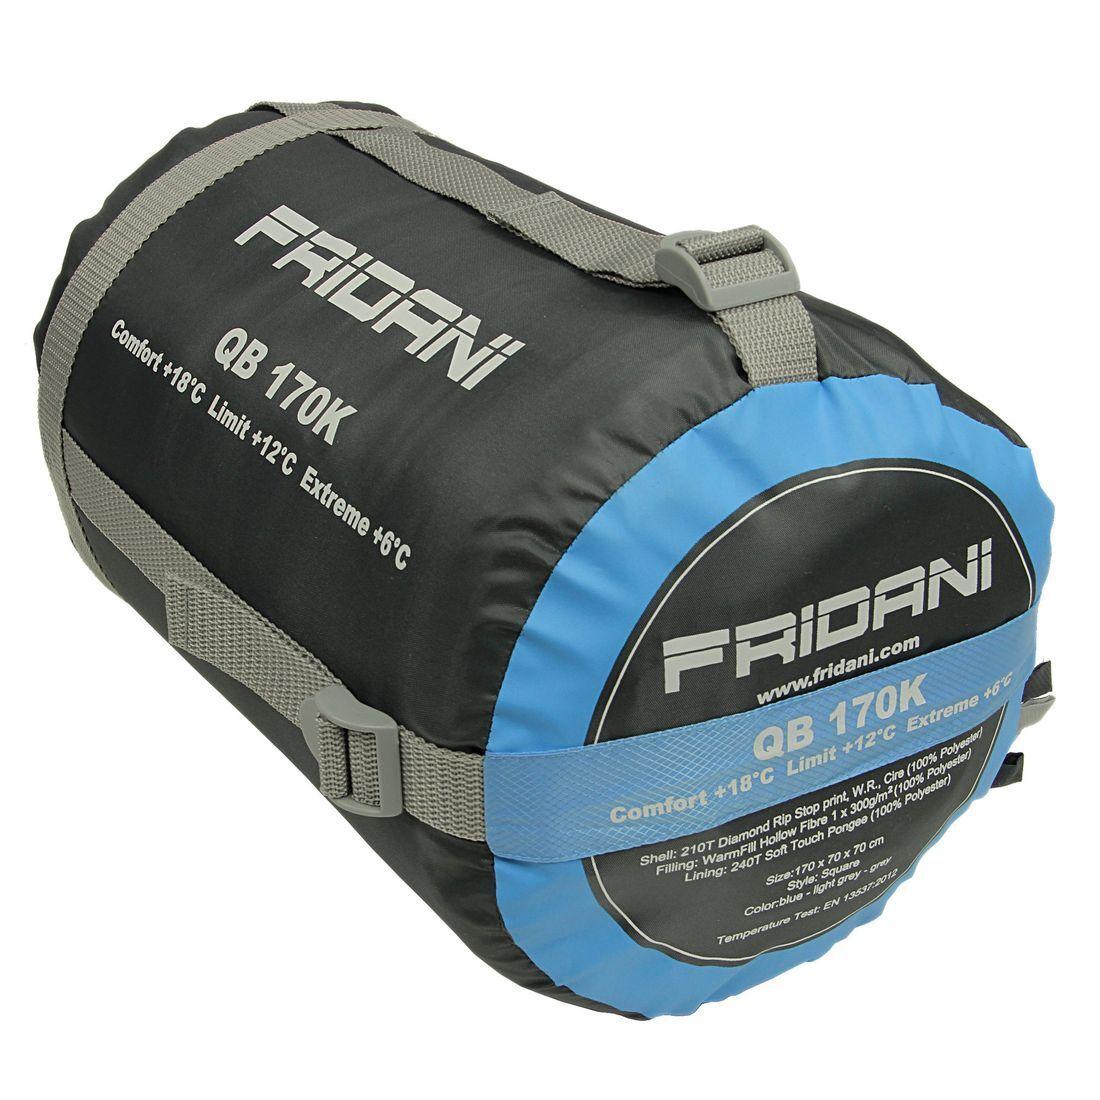 Fridani QB 170K short - Sac de couchage couverture, 170x70cm, 170x70cm, 170x70cm, 1200 g, +6°C (ext) d32ca6